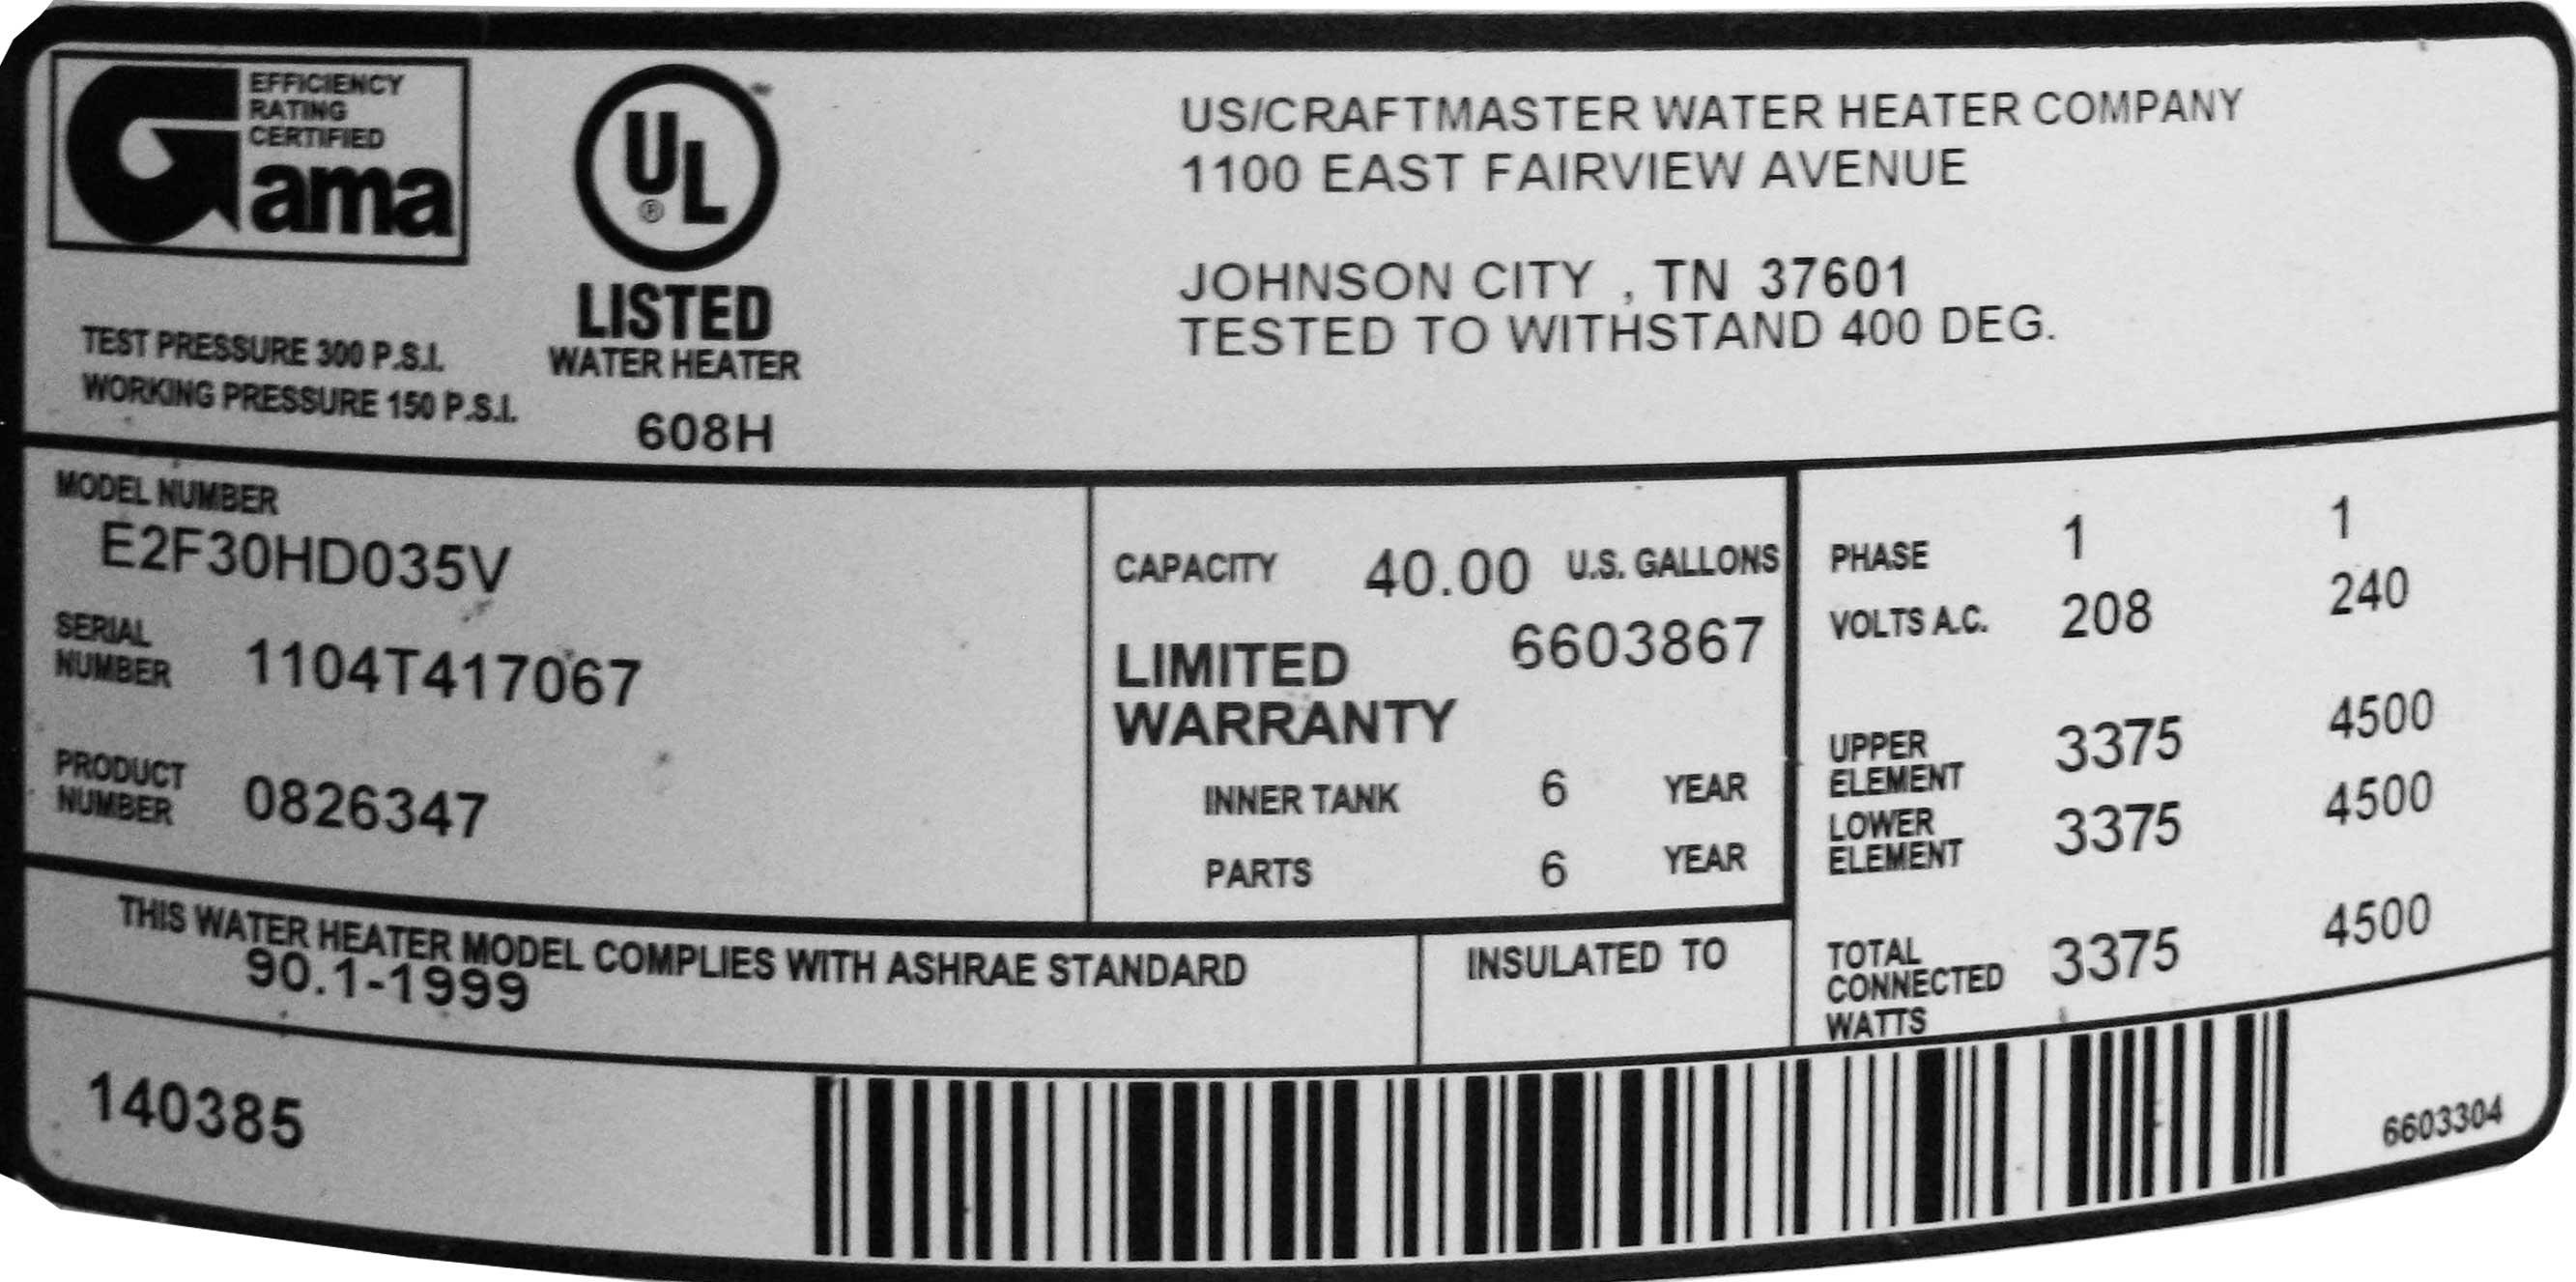 9000 watt water heater